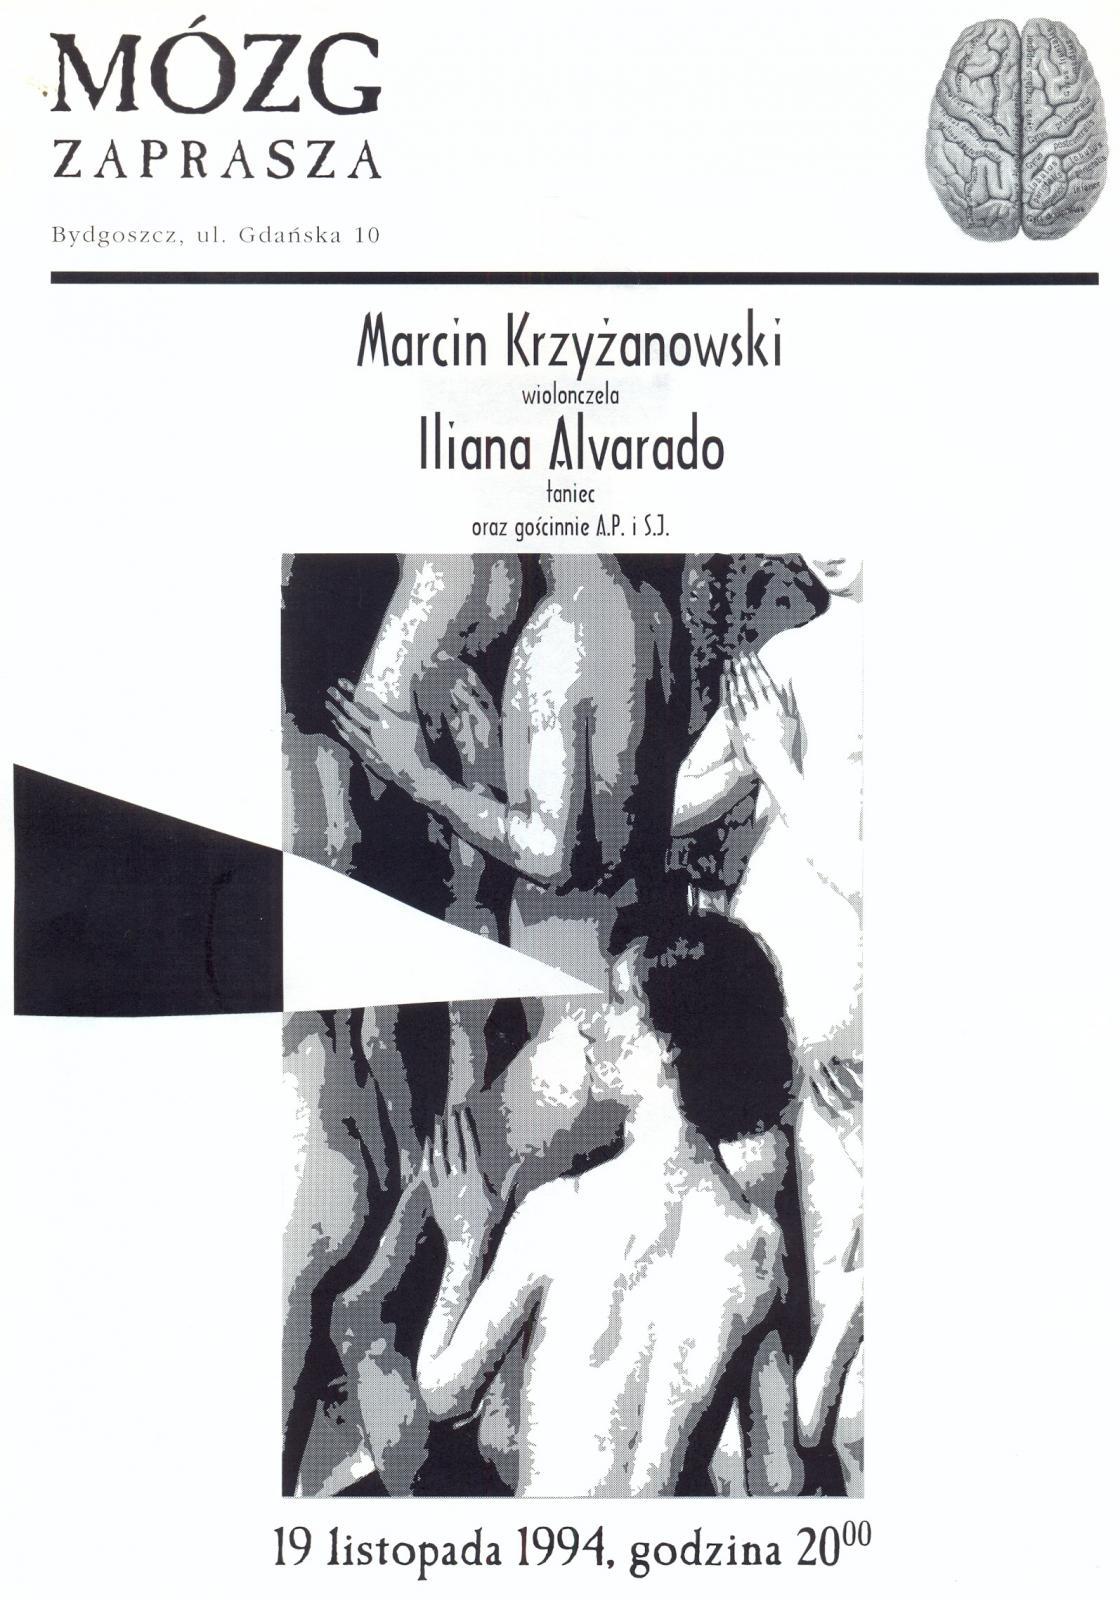 Marcin Krzyżanowski &amp; Iliana Alvarado<br /><br /> gościnnie Andrzej Przybielski i Sławek Janicki